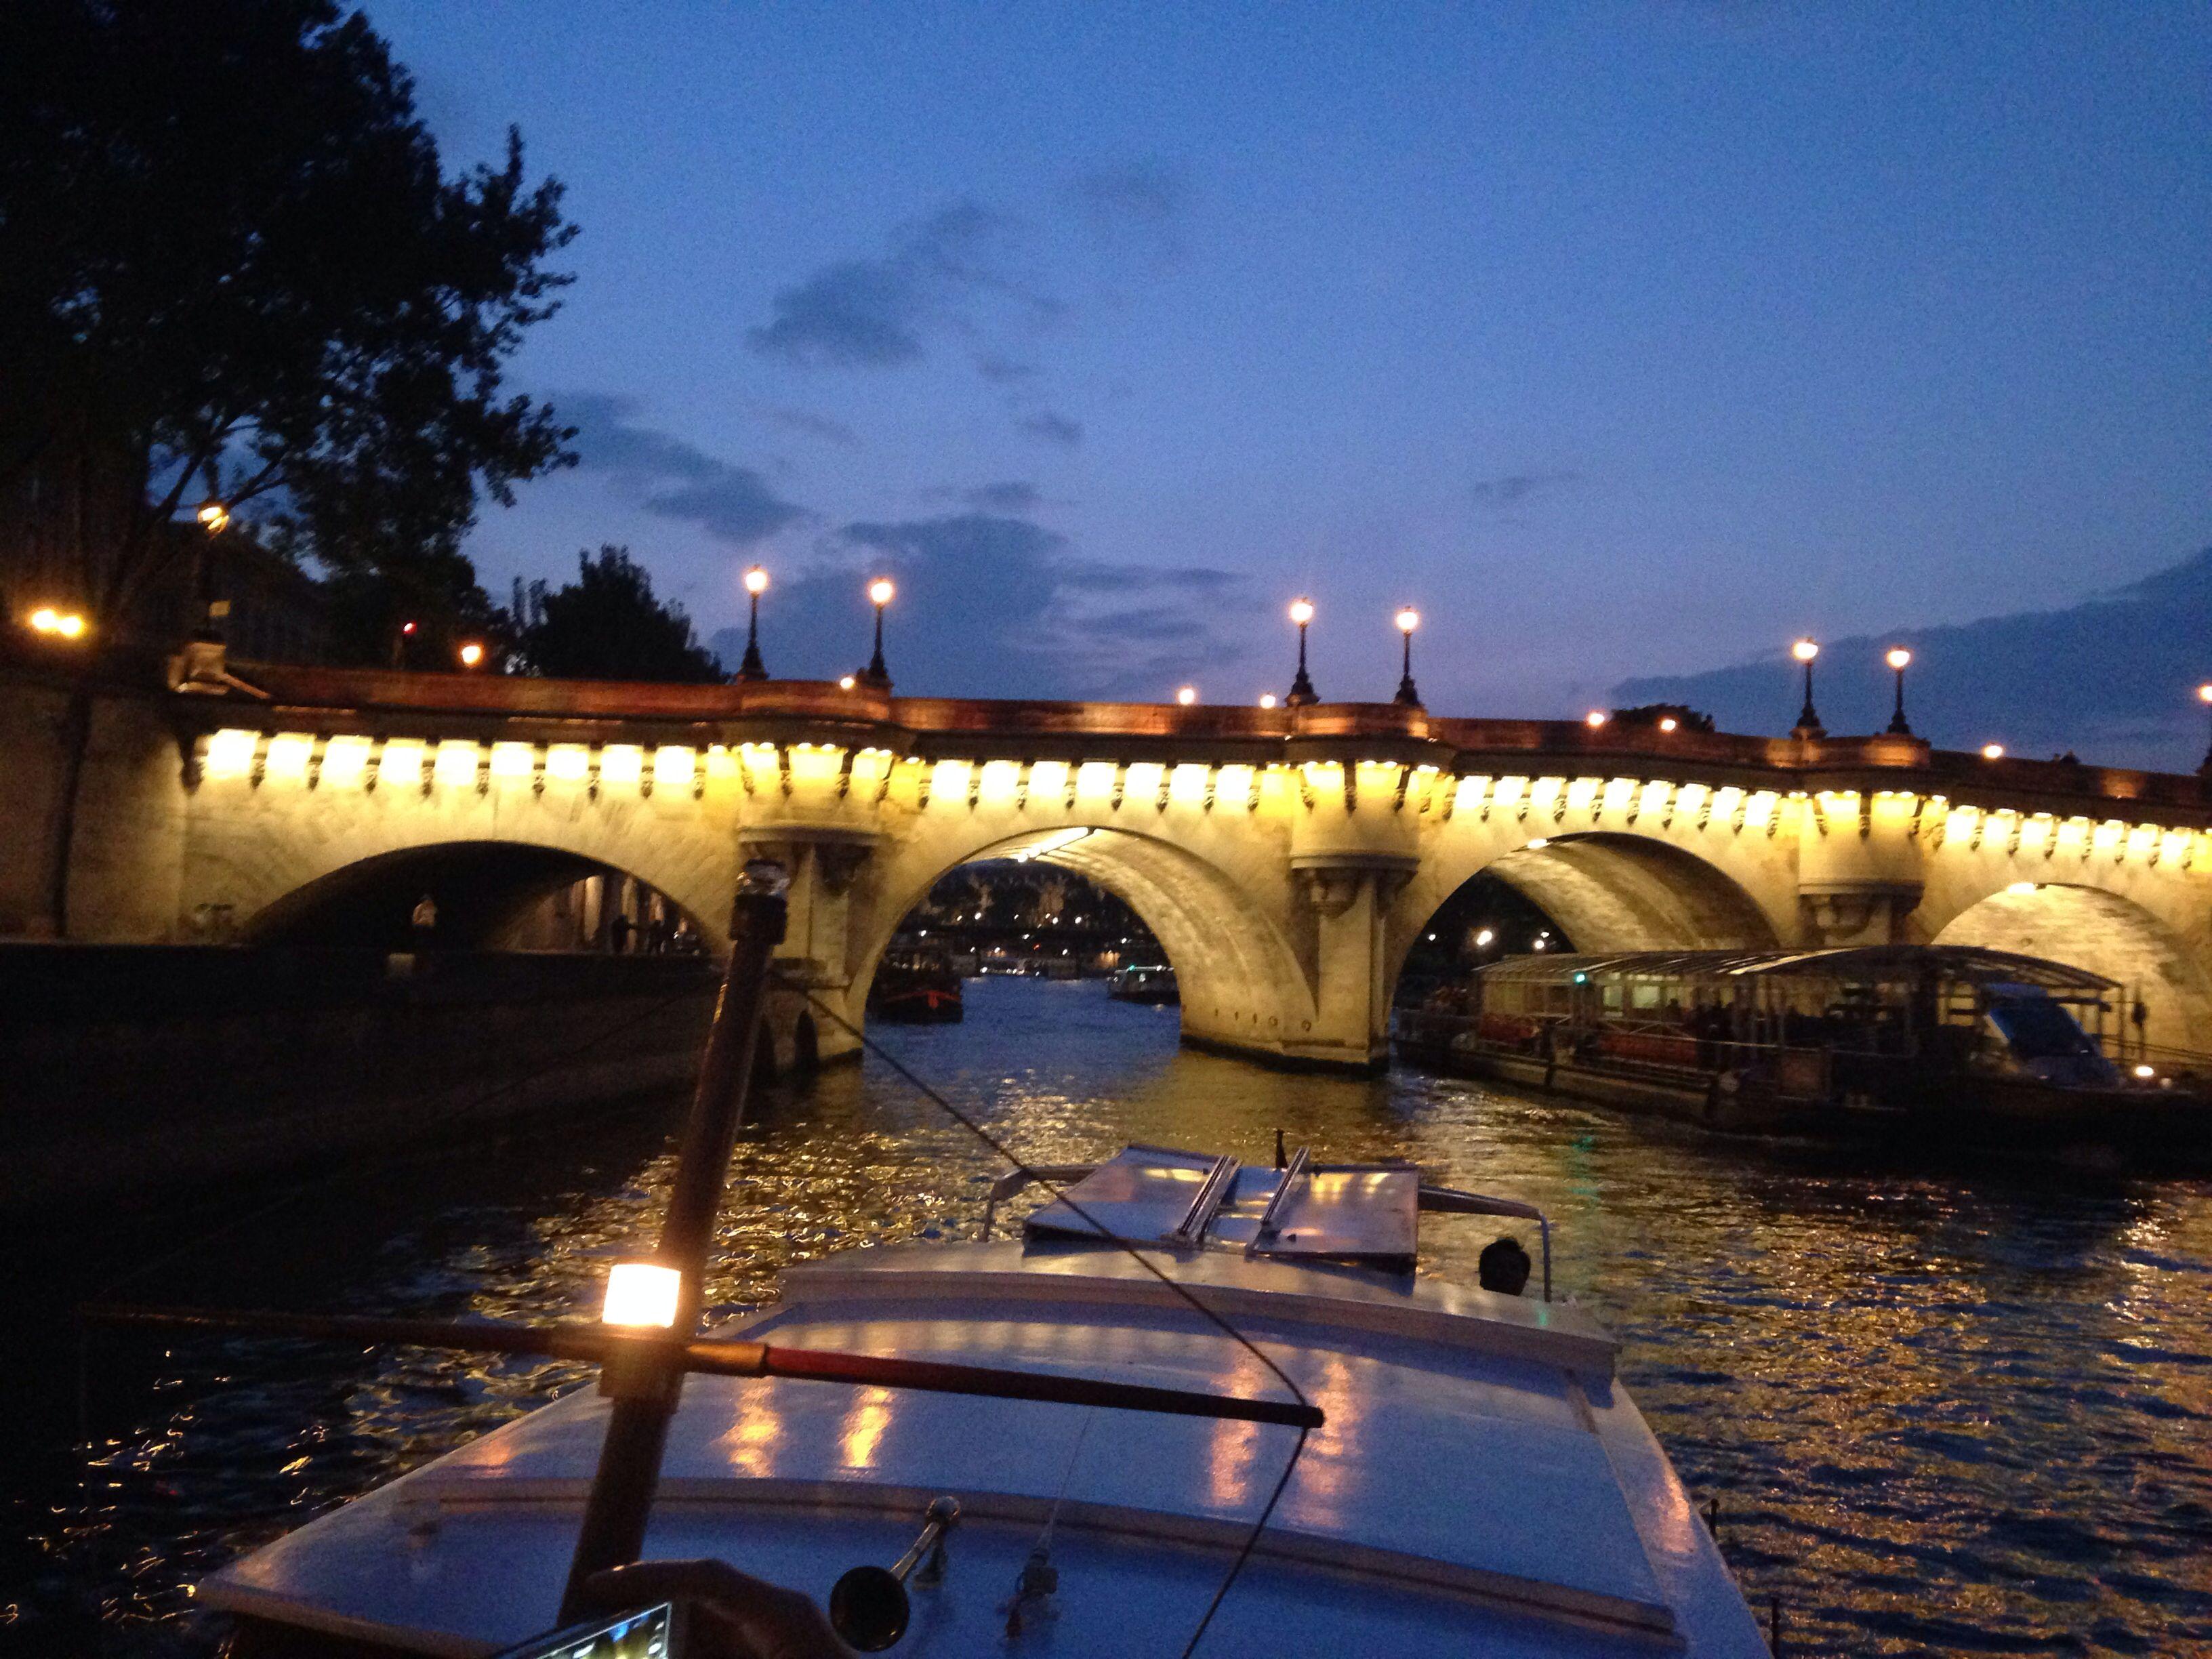 Parisyacht1